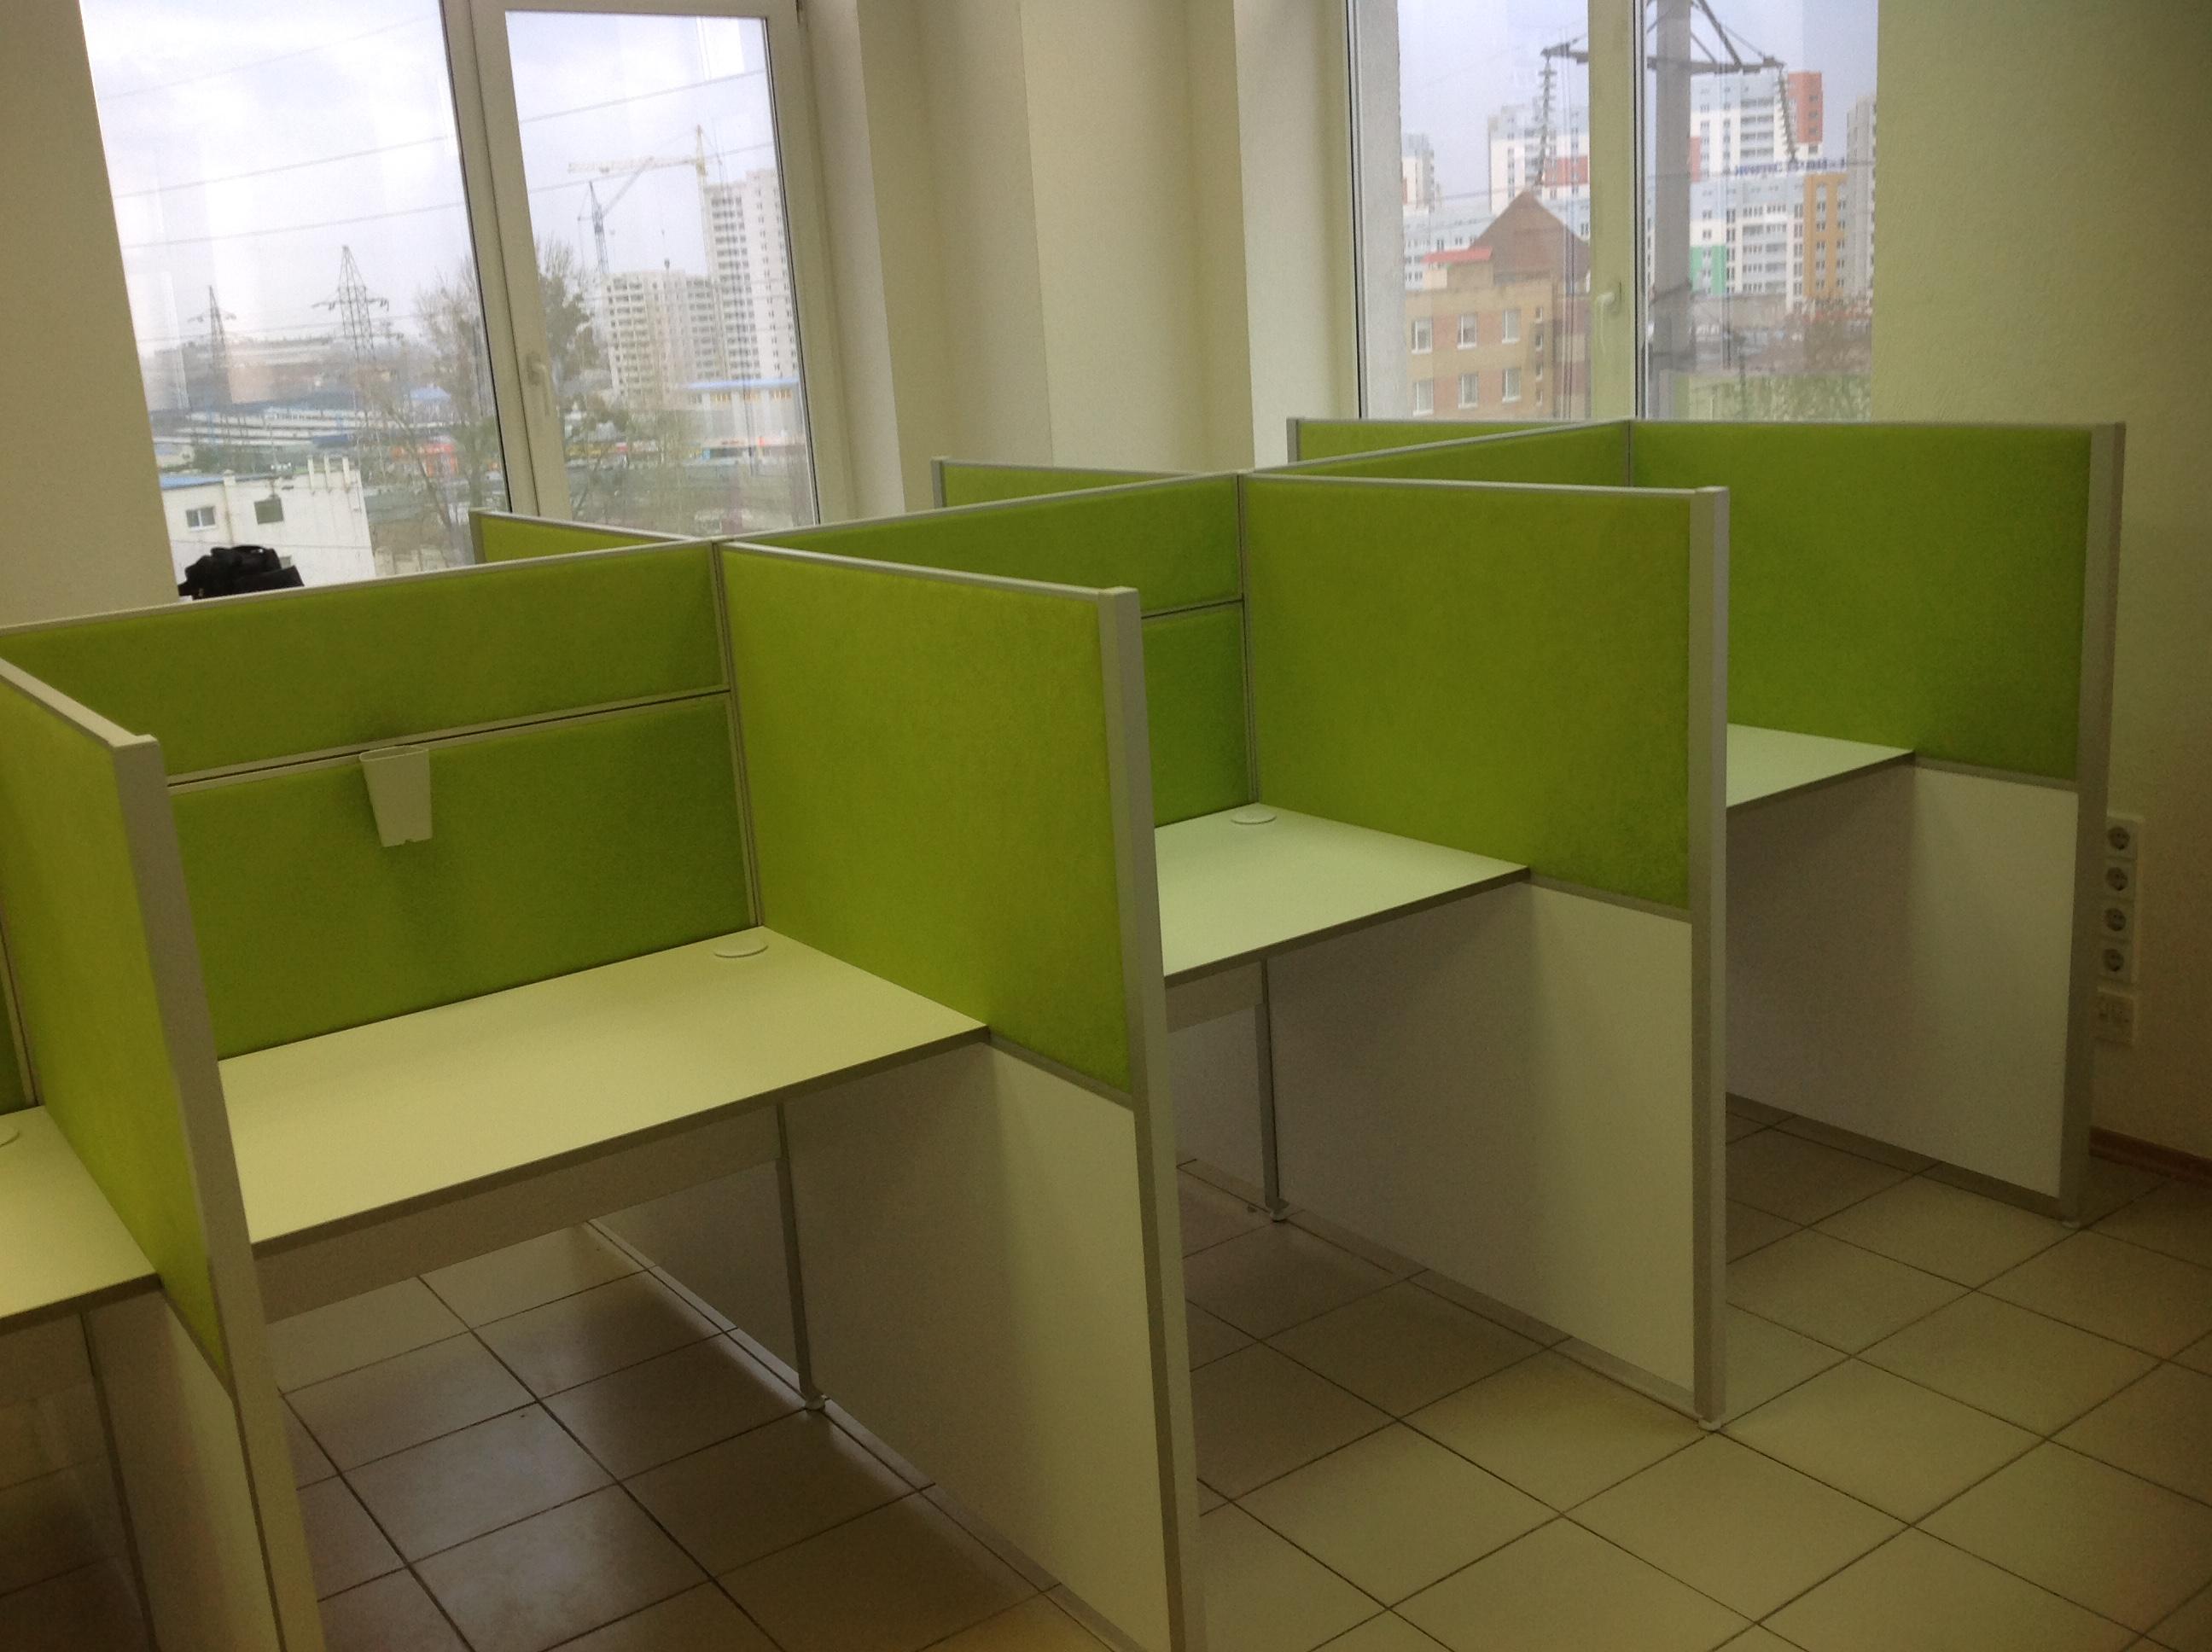 Фото Сборка столов для кул-центра.